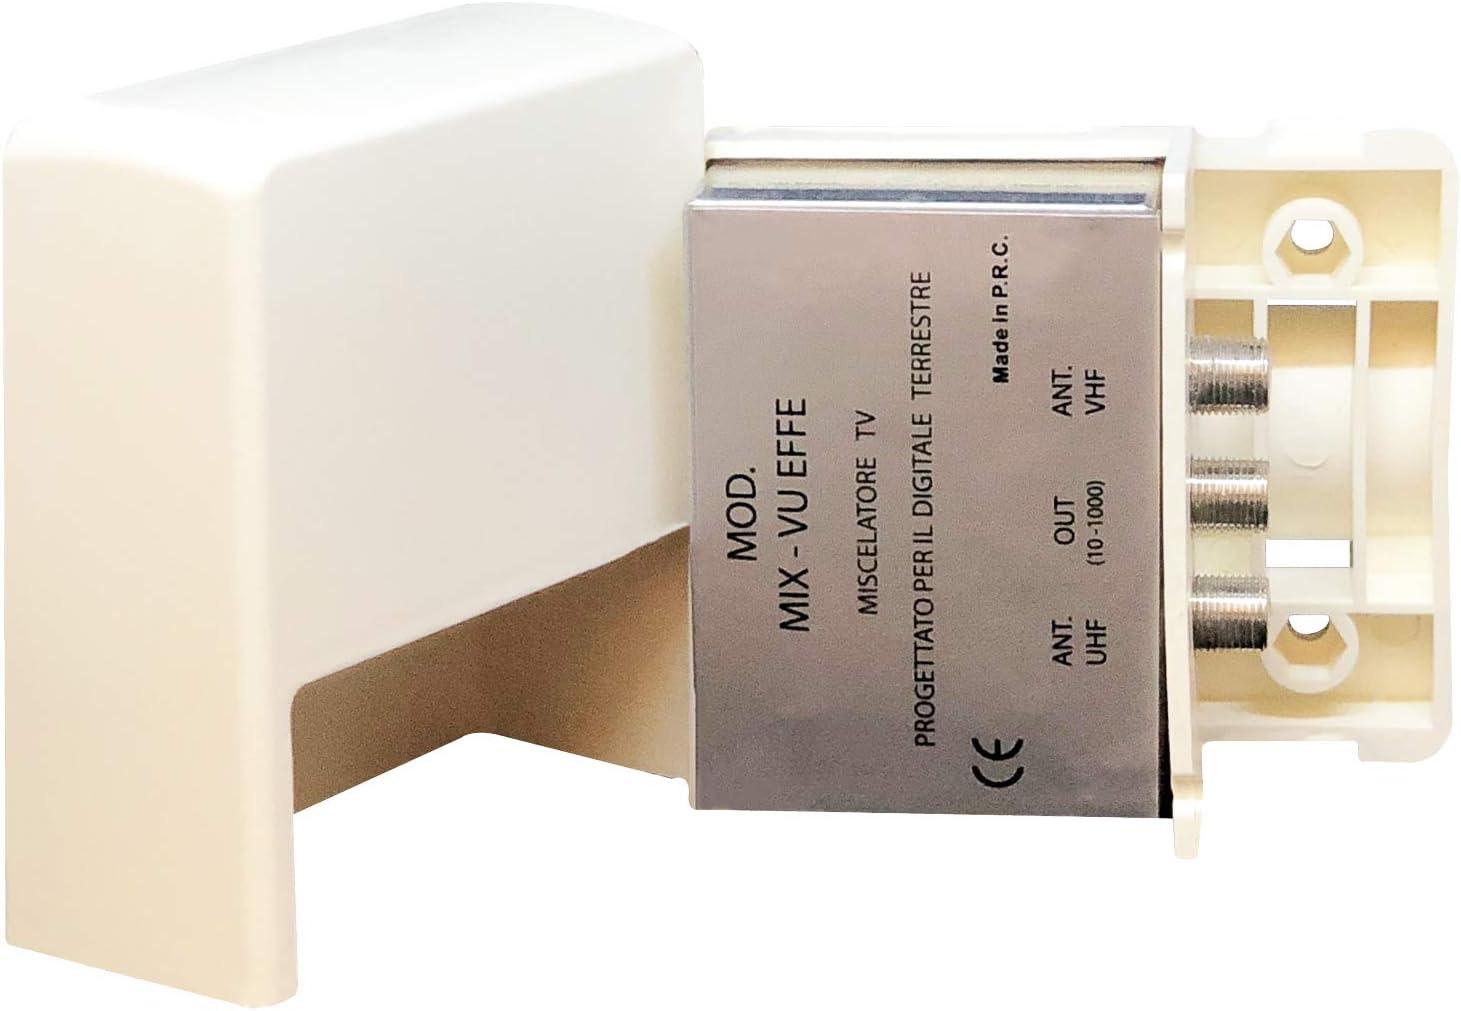 Elettronica Cusano Mix-VU EFFE – Mezclador de Antenas VHF/UHF, Mezclador de Poste, 2 entradas: VHF y UHF, Conector F, atenuación de Paso <1 dB, Blanco